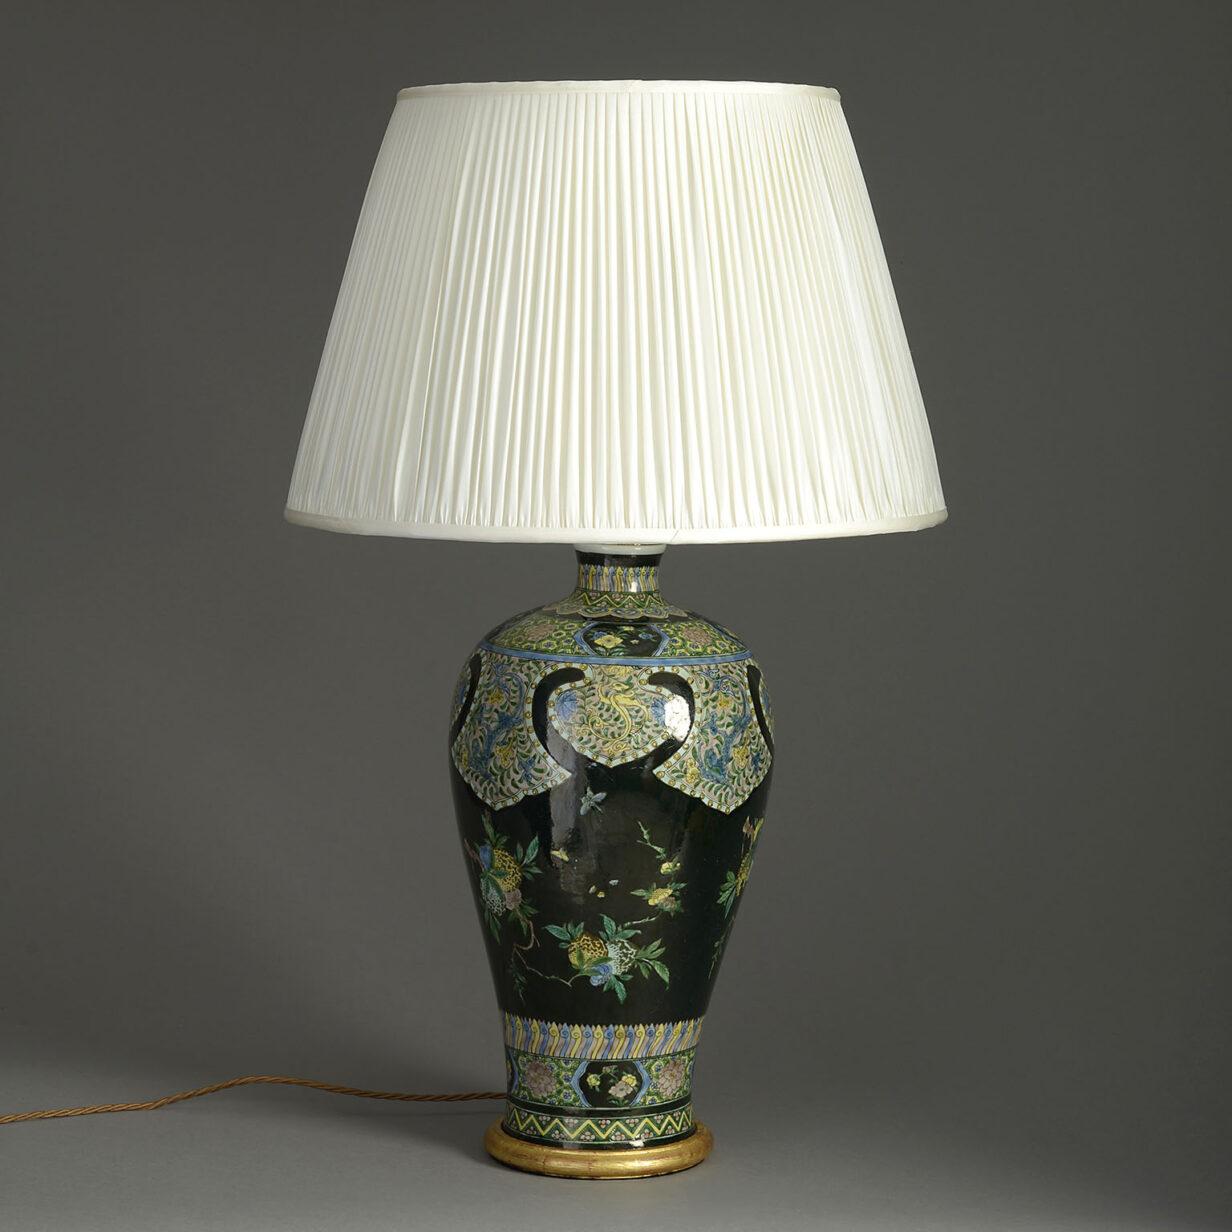 Famille Noire Porcelain Vase Lamp